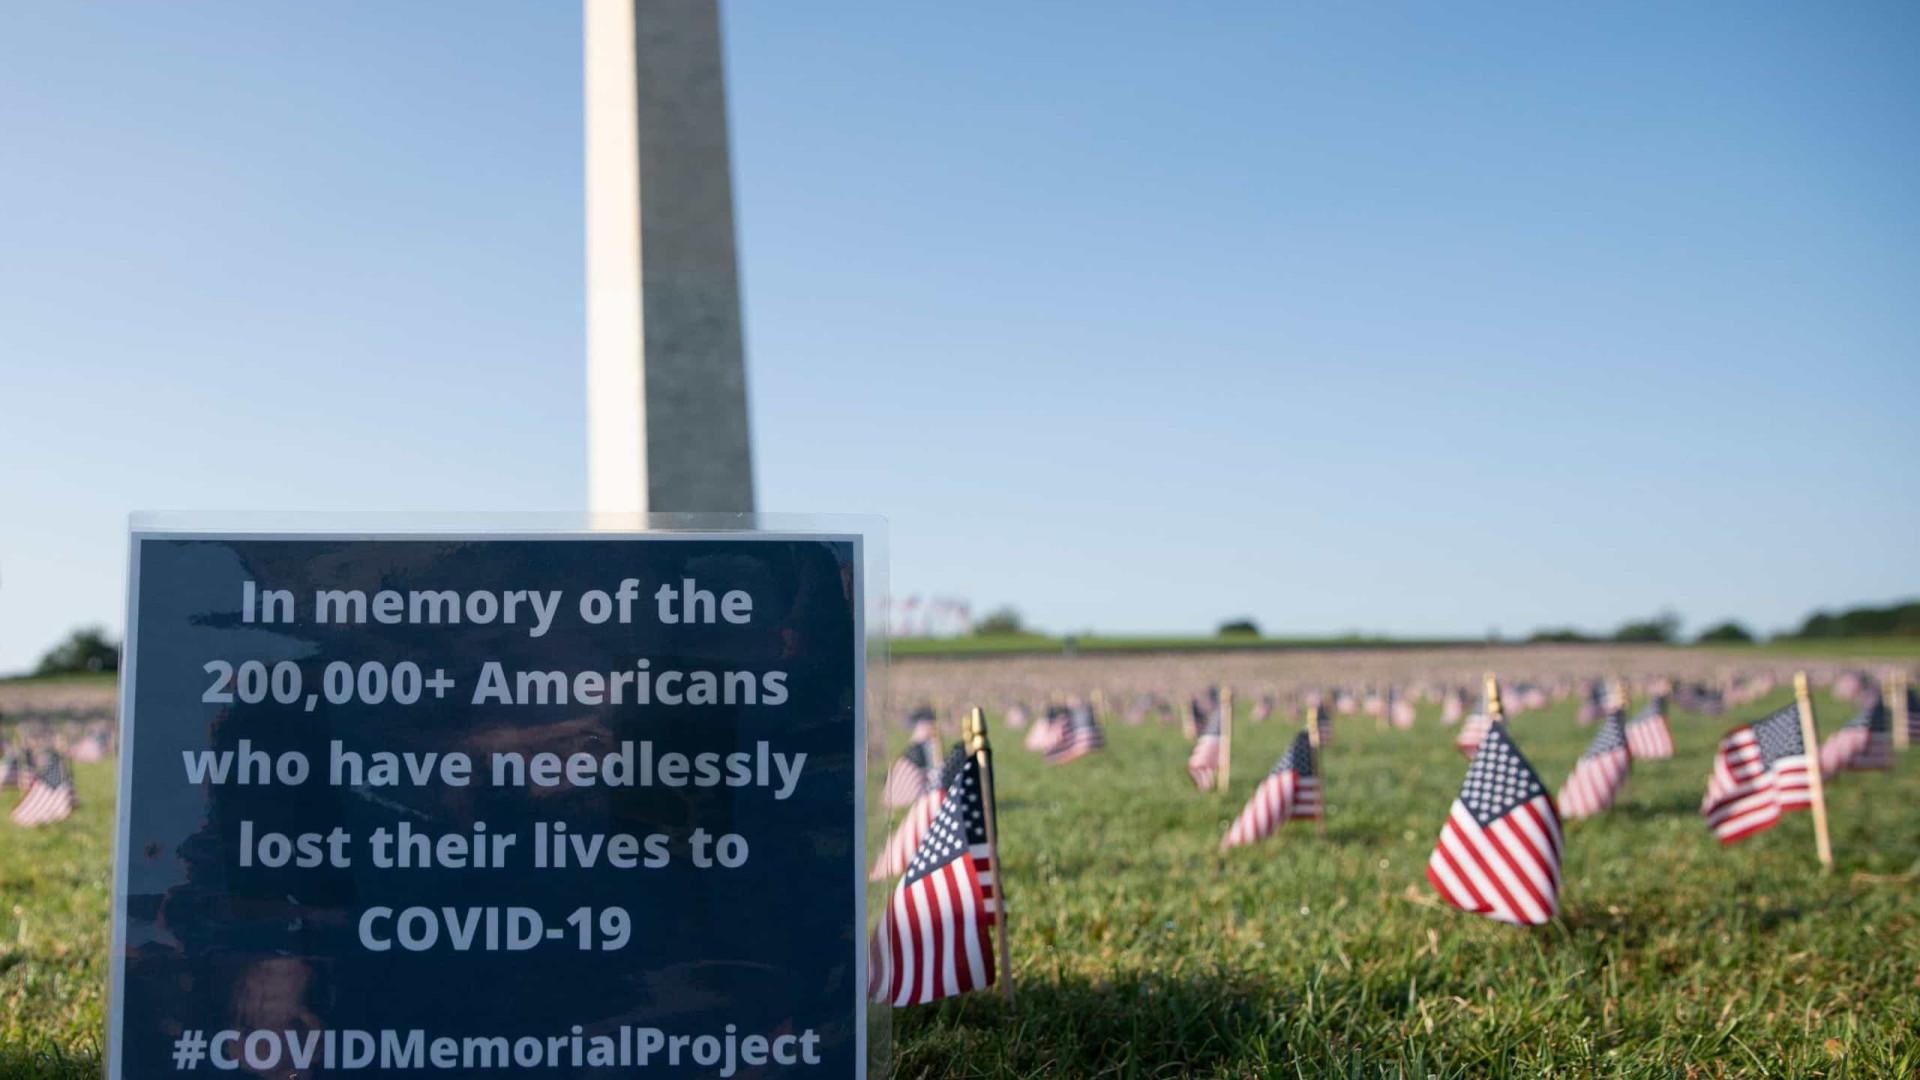 Estados Unidos ultrapassam a marca das 200 mil mortes devido à Covid-19